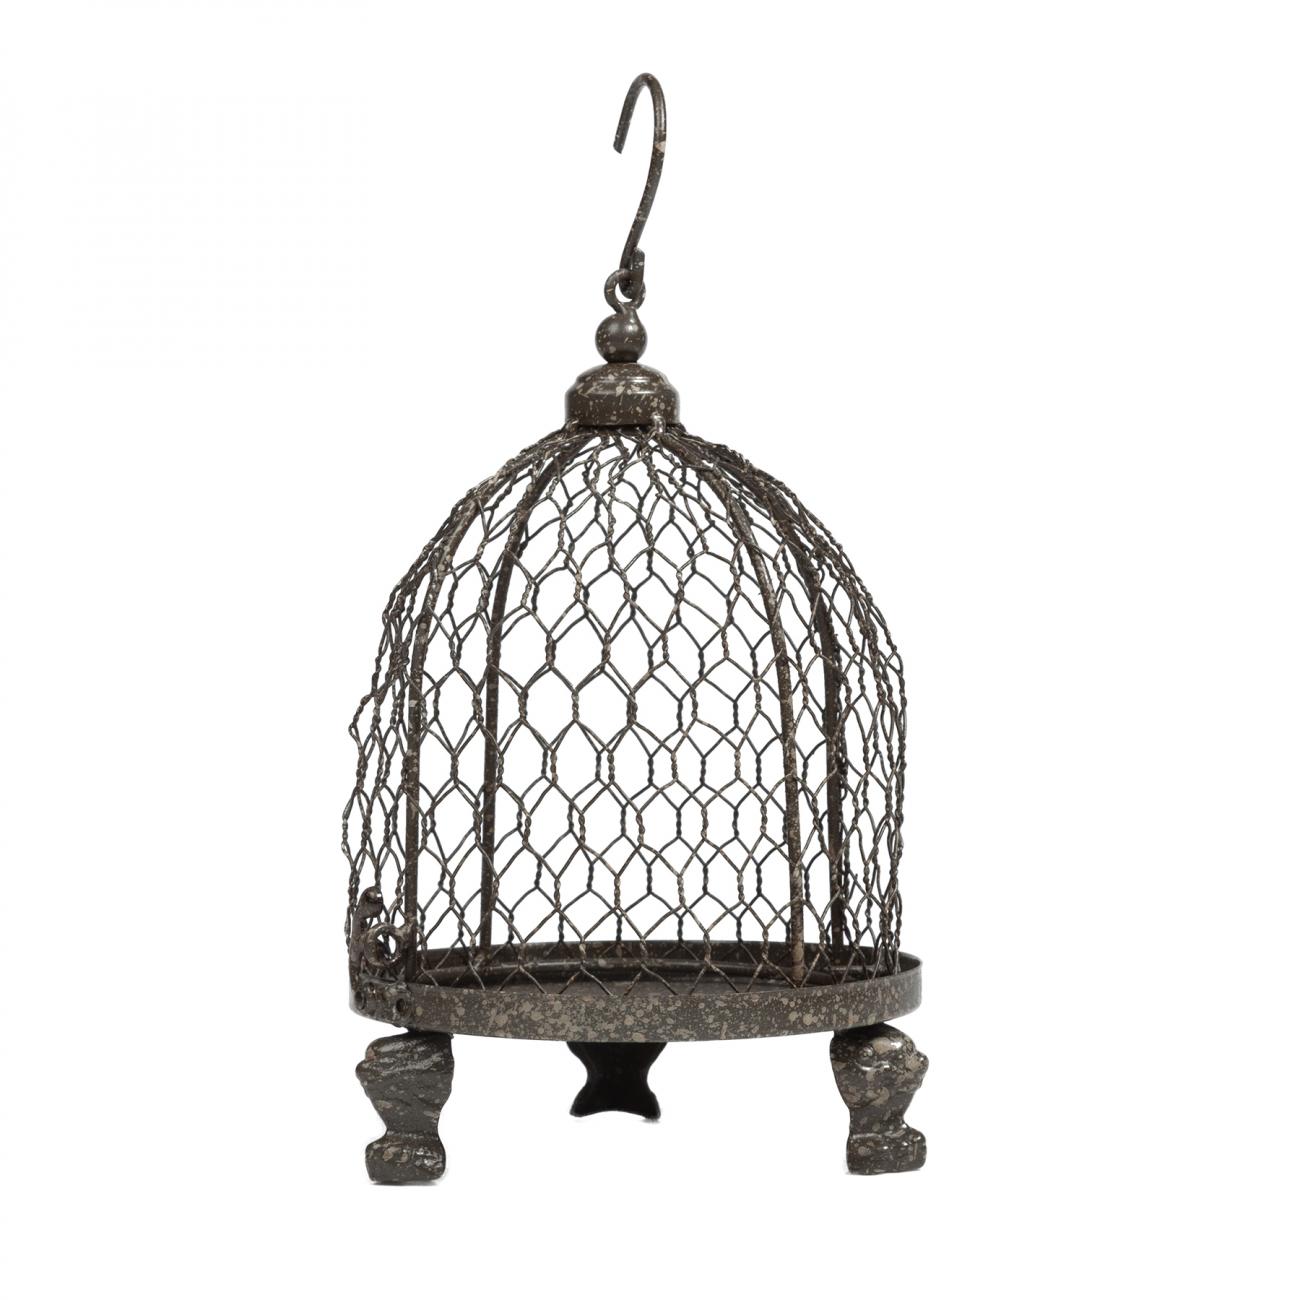 Купить Декоративная клетка-подсвечник Bonadi Маленькая в интернет магазине дизайнерской мебели и аксессуаров для дома и дачи